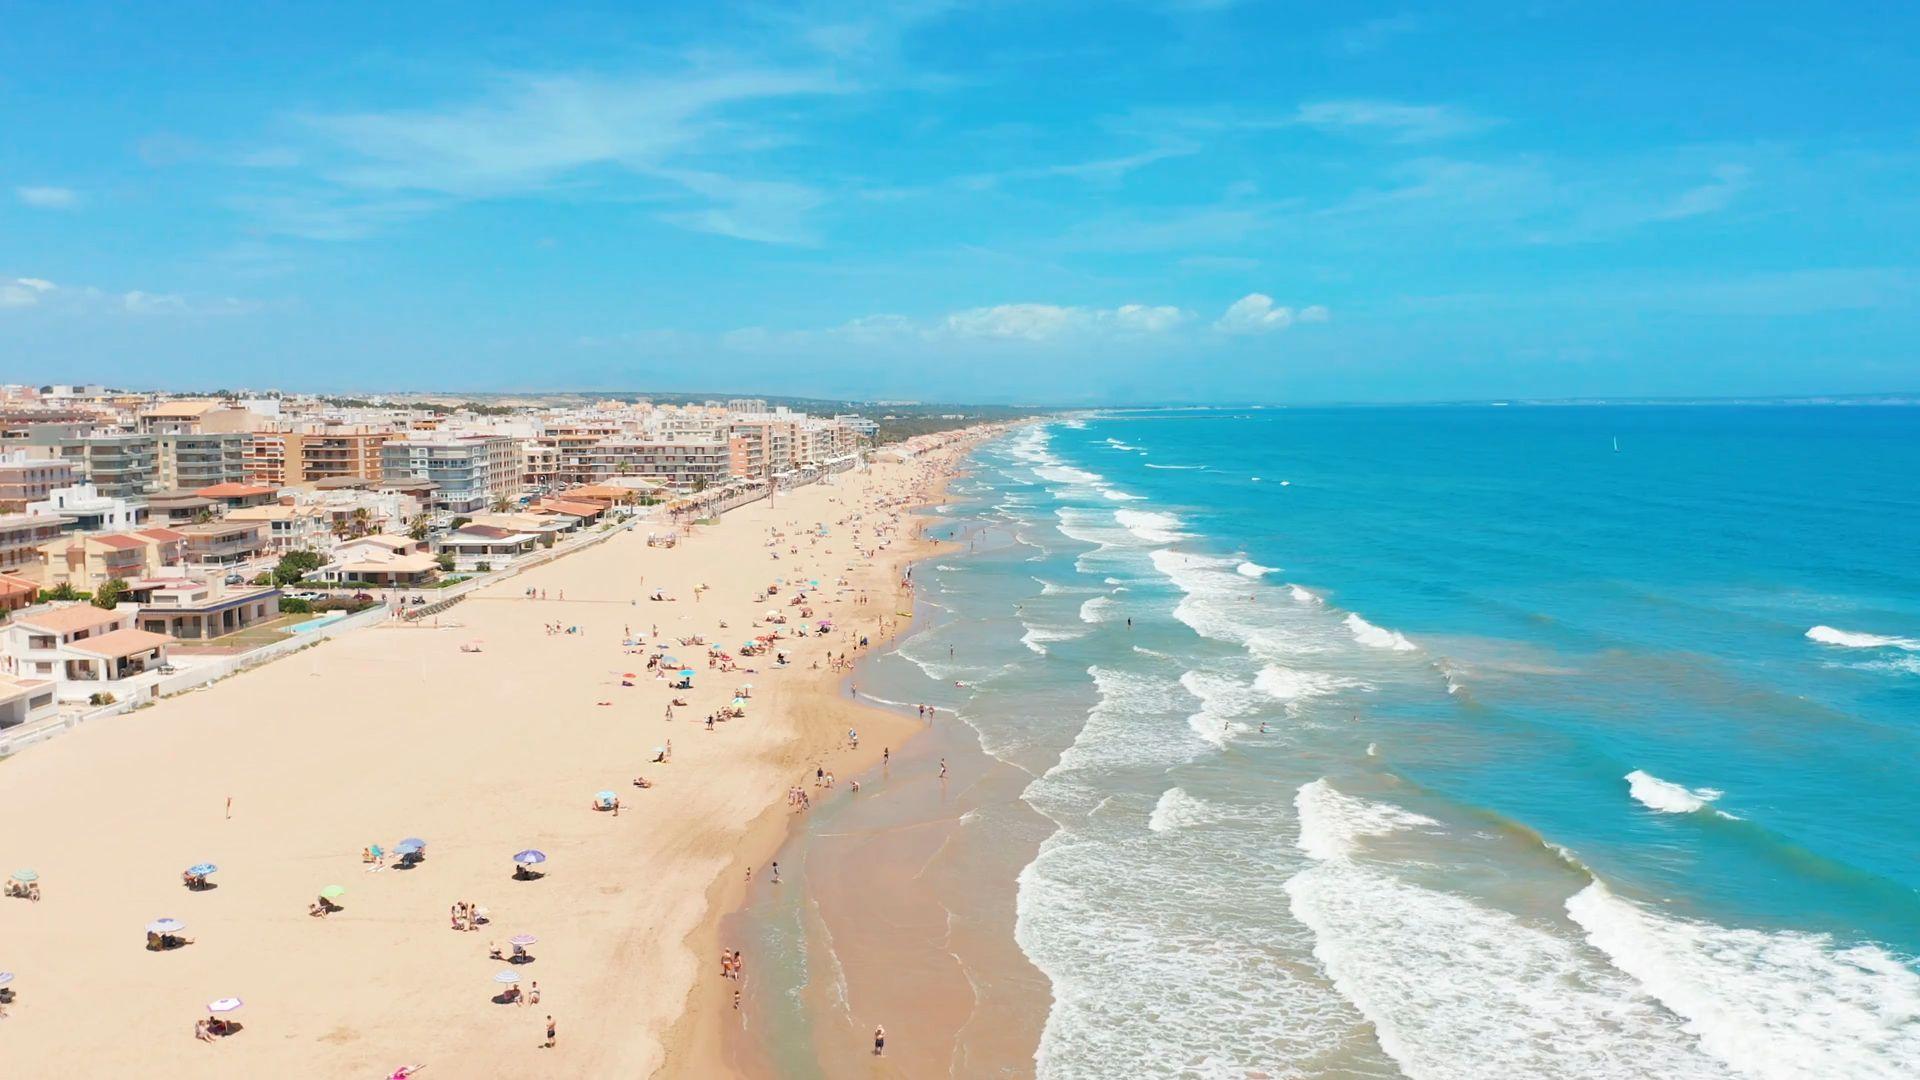 Oster-Urlaub auf Mallorca in Sicht: Erste Hotels und Airlines starten in Reise-Saison